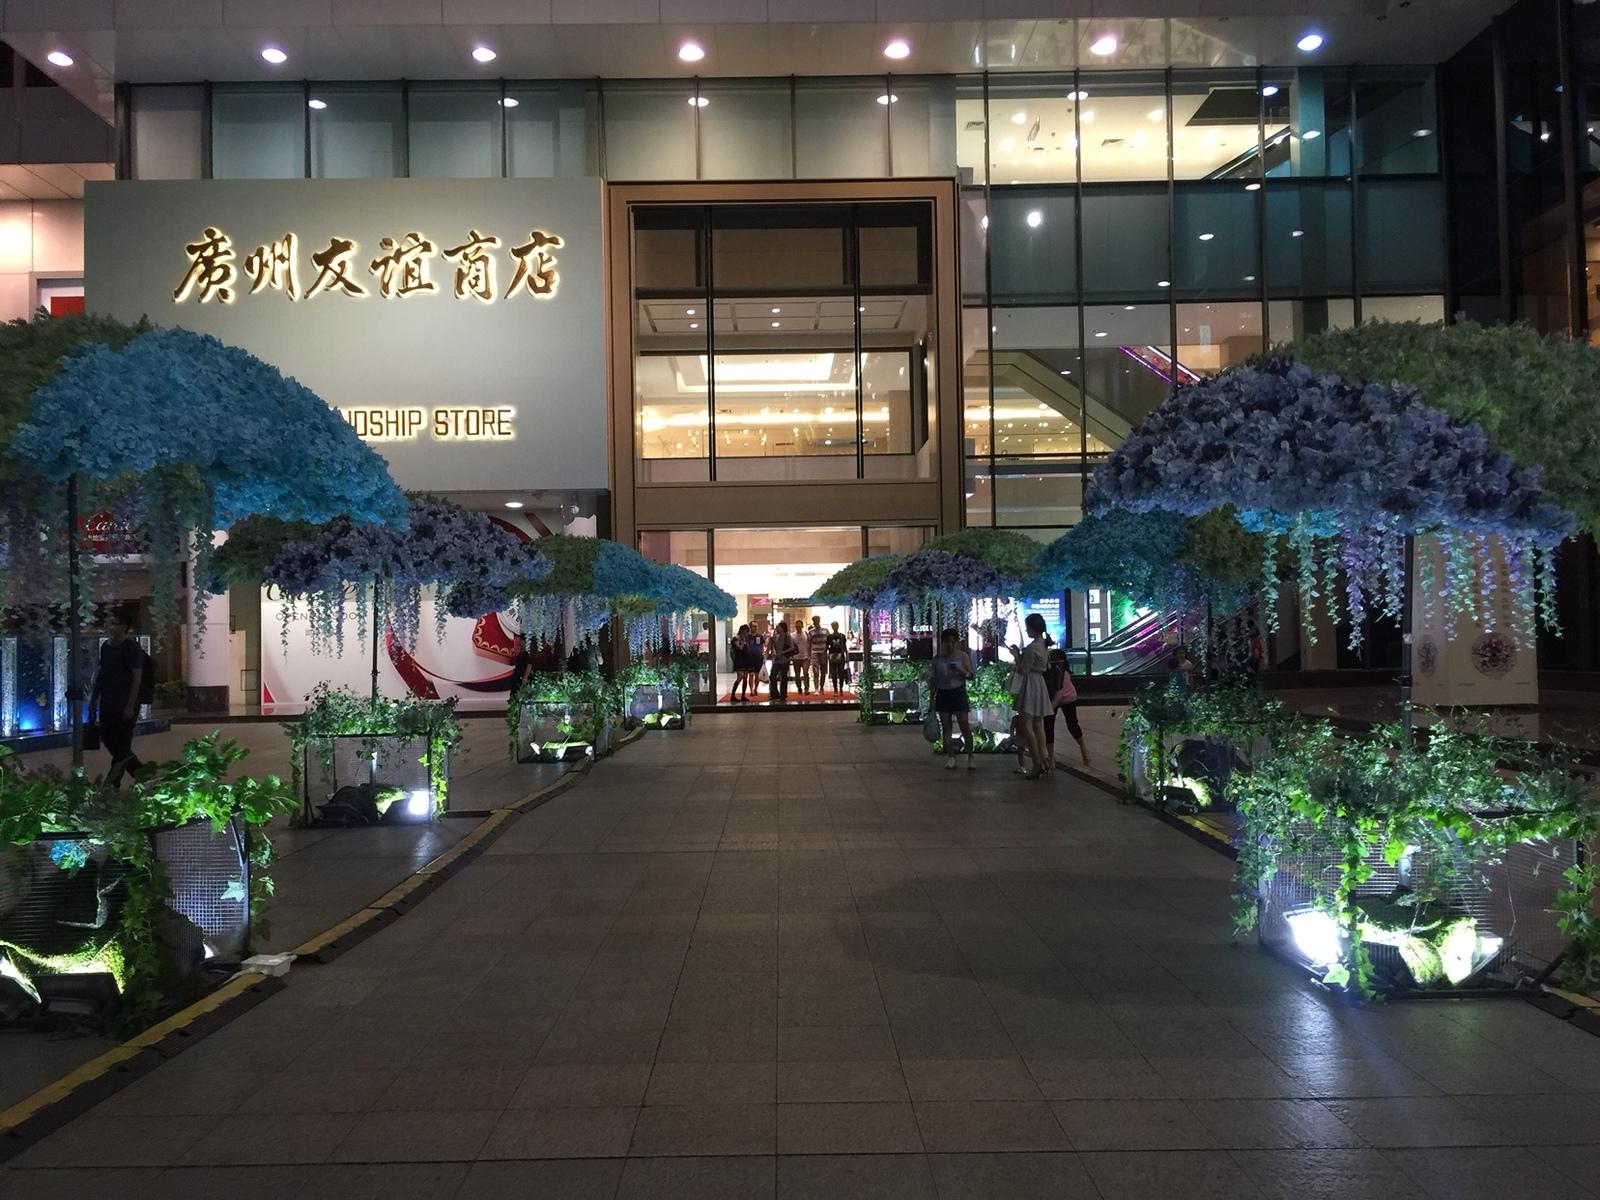 اجمل مدن العالم الصين 474235 المسافرون العرب